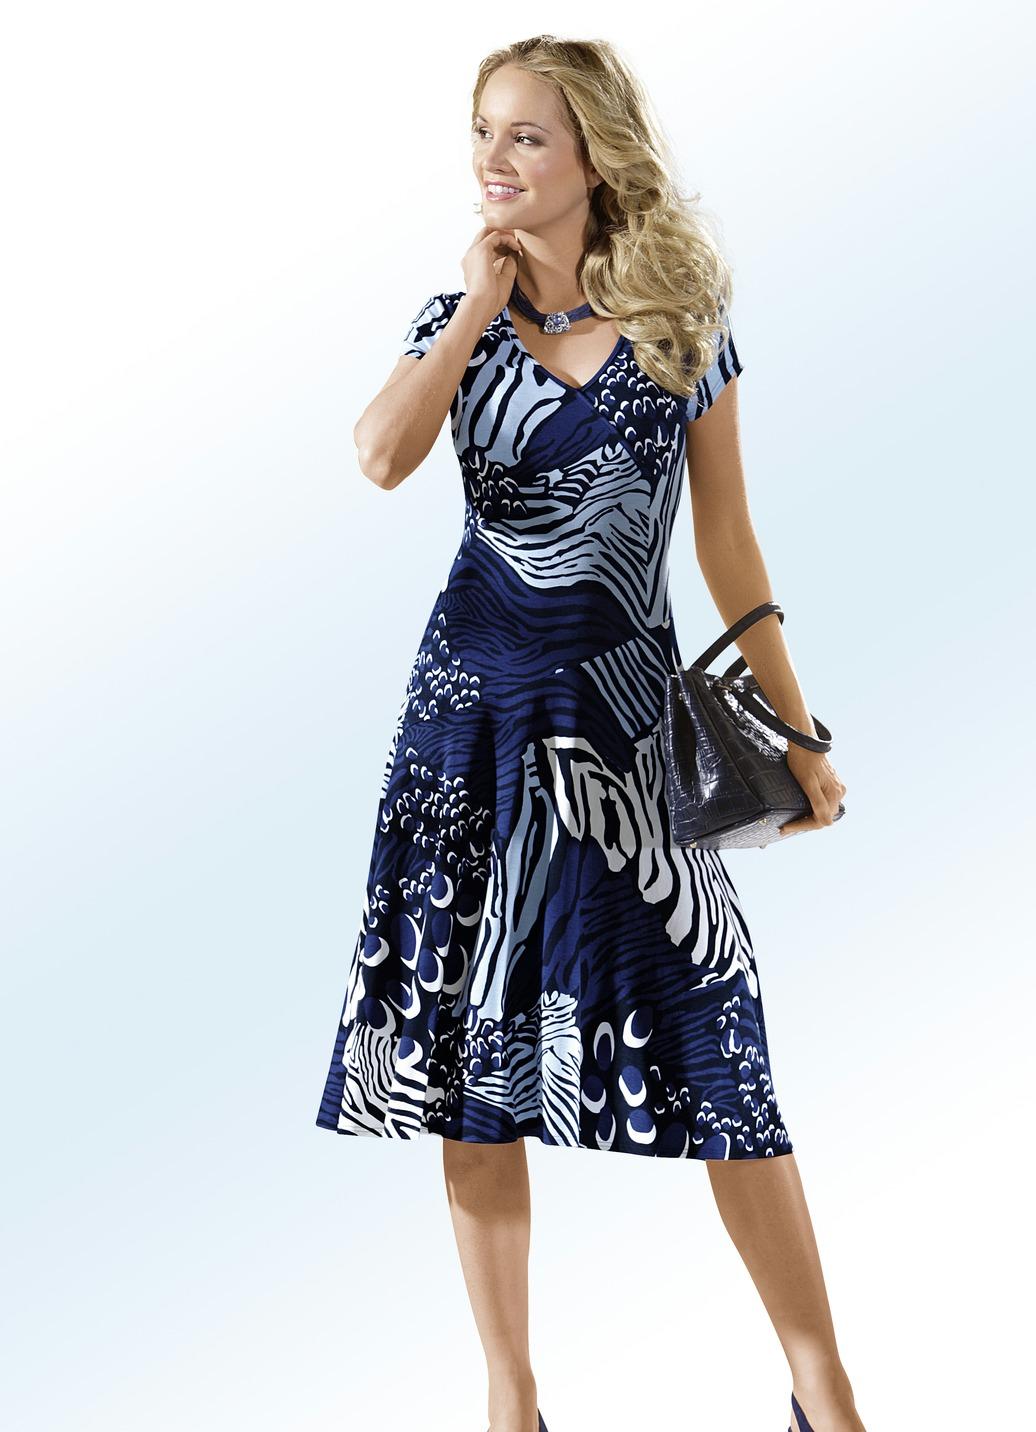 Klaus Modelle Kleid in Wickel-Optik Schwarz-Bunt Größe 44 Damen Preisvergleich